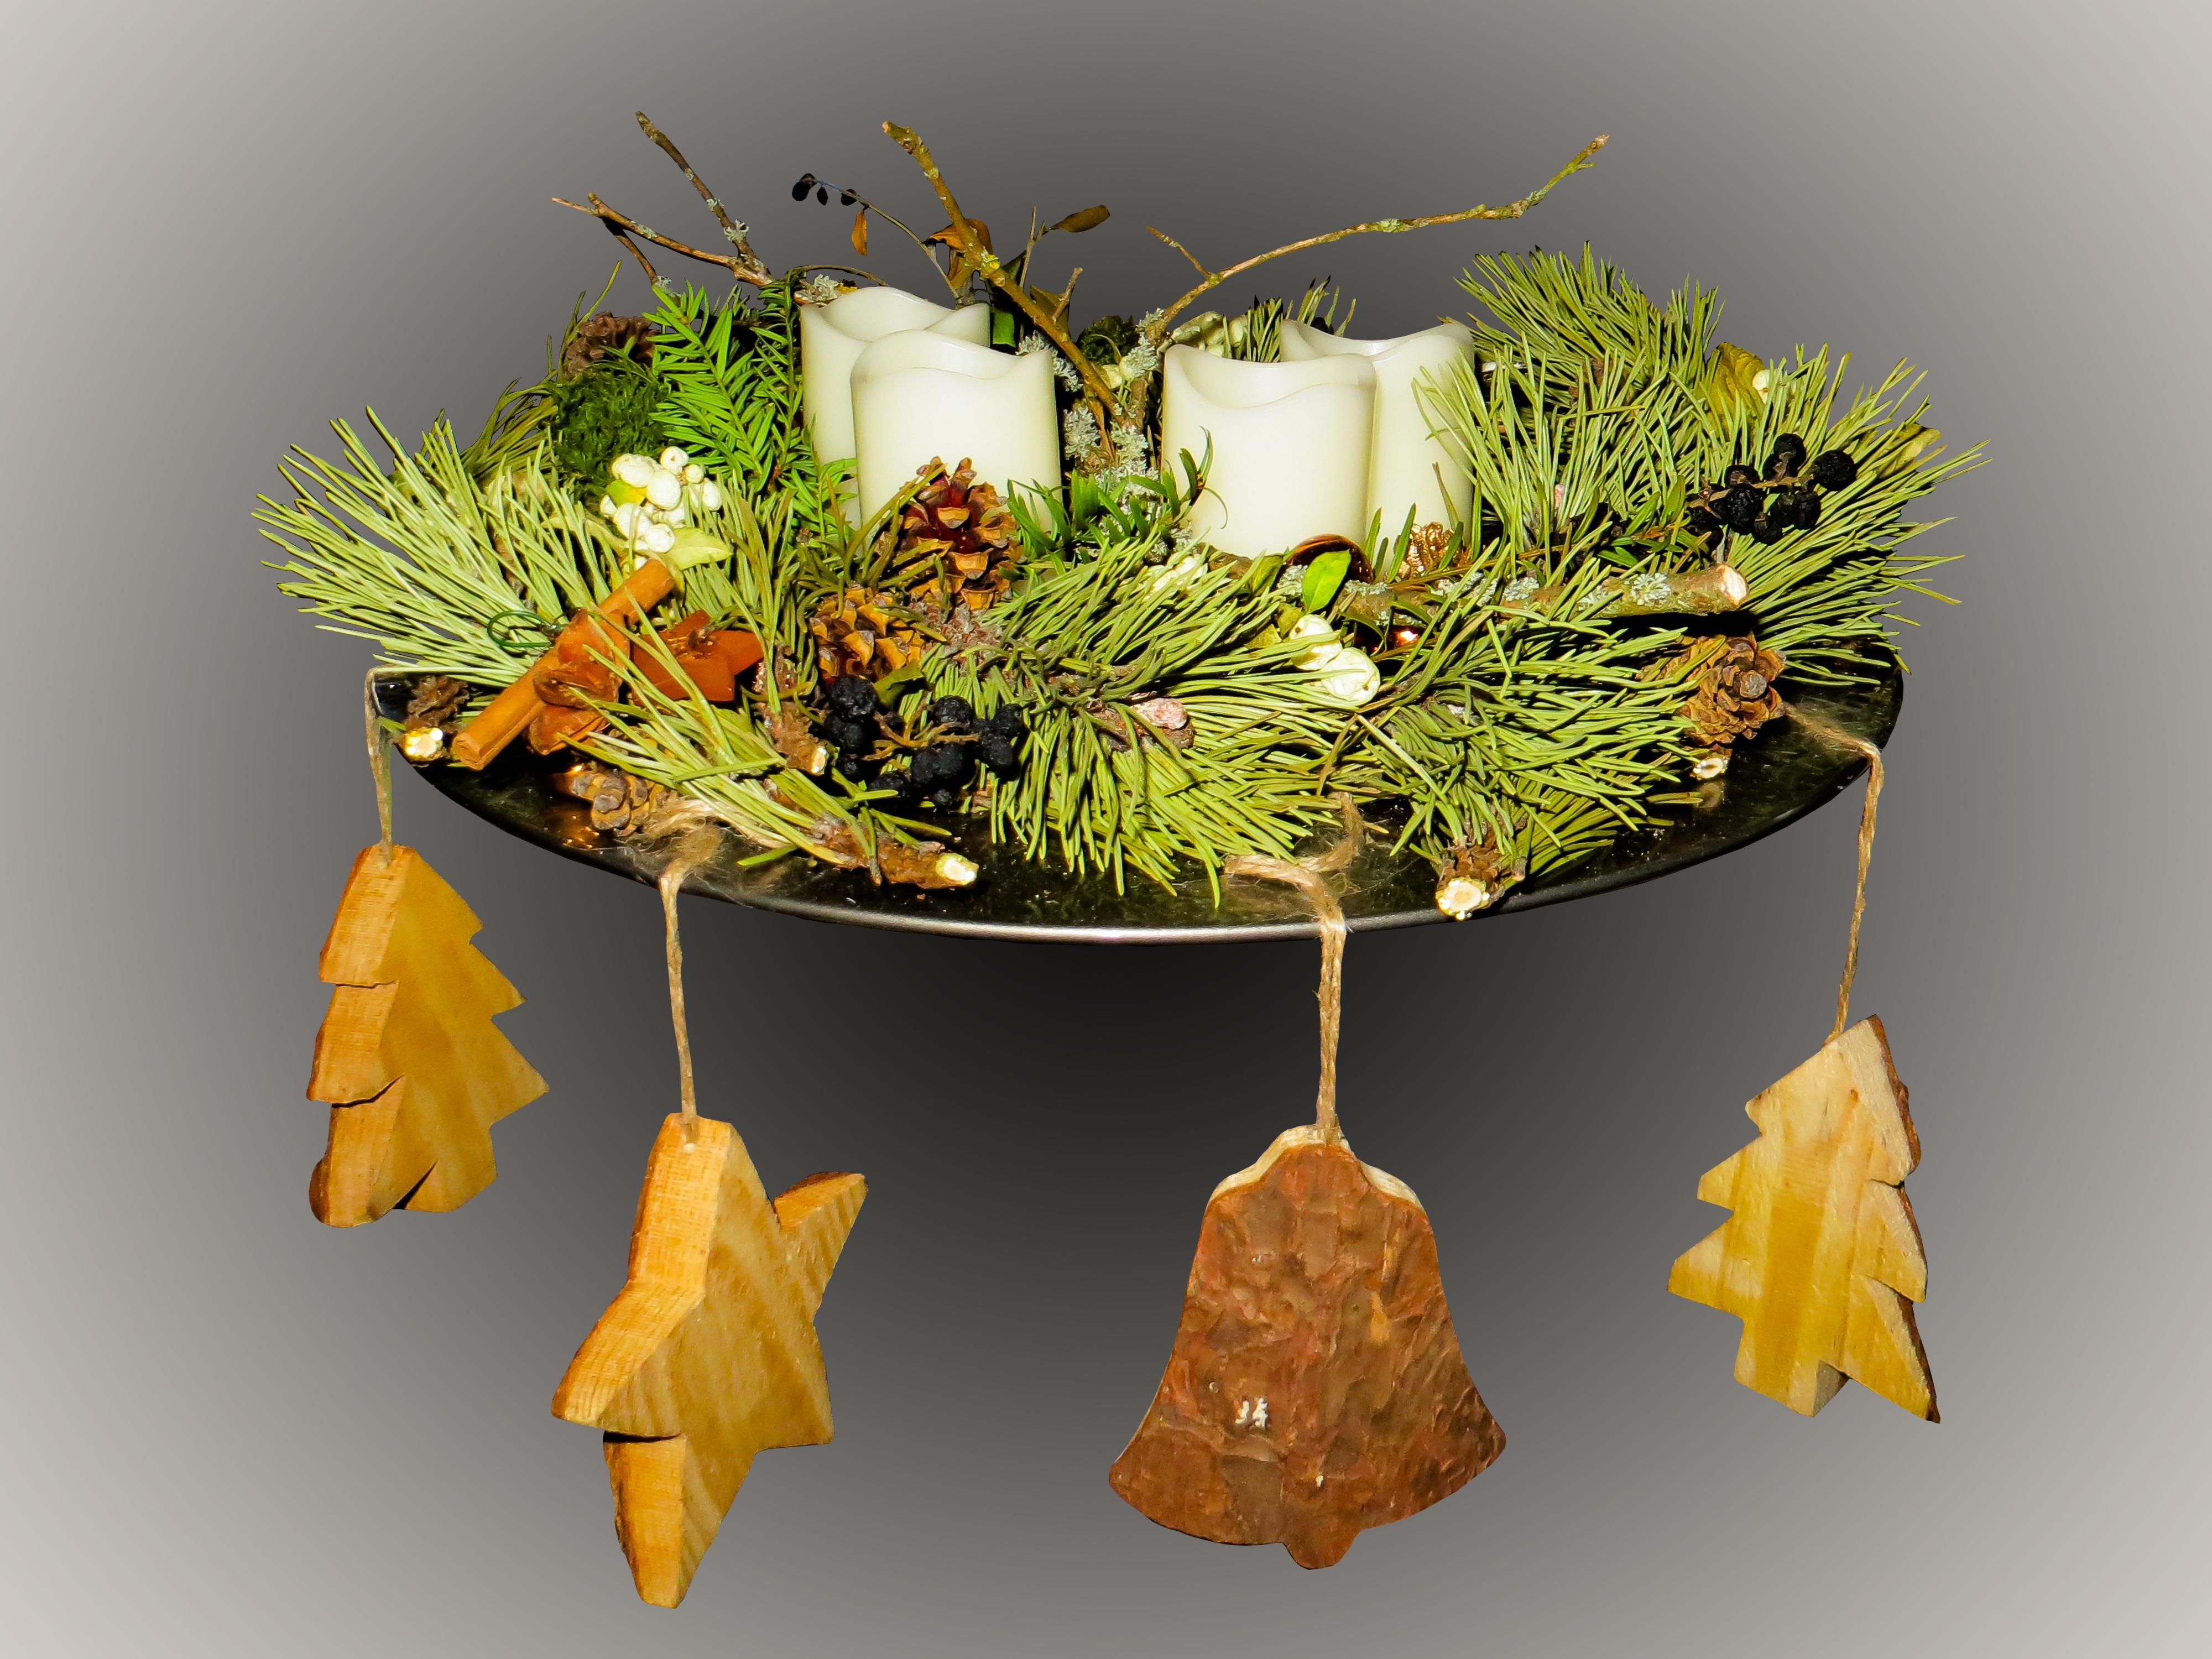 kostenlose foto ast pflanze blatt blume dekoration gelb kerze weihnachten anordnung. Black Bedroom Furniture Sets. Home Design Ideas